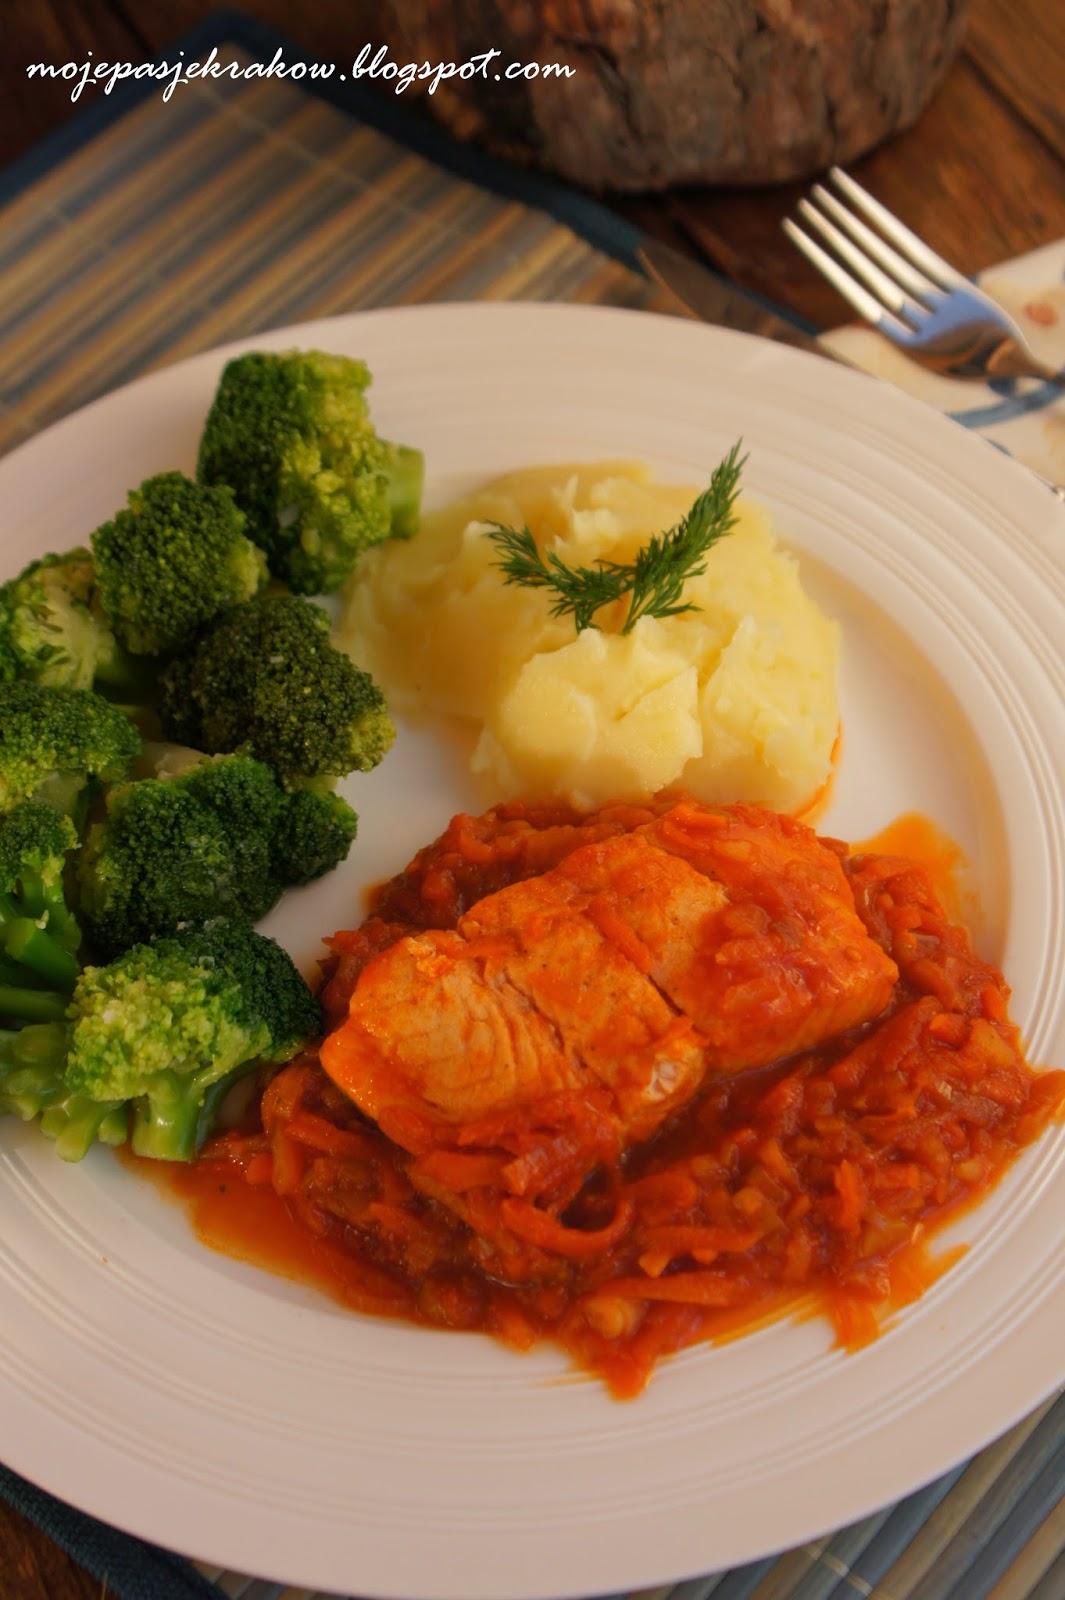 http://www.mojepasjekrakow.blogspot.com/2014/03/ryba-po-grecku-z-warzywami-obiad-do.html